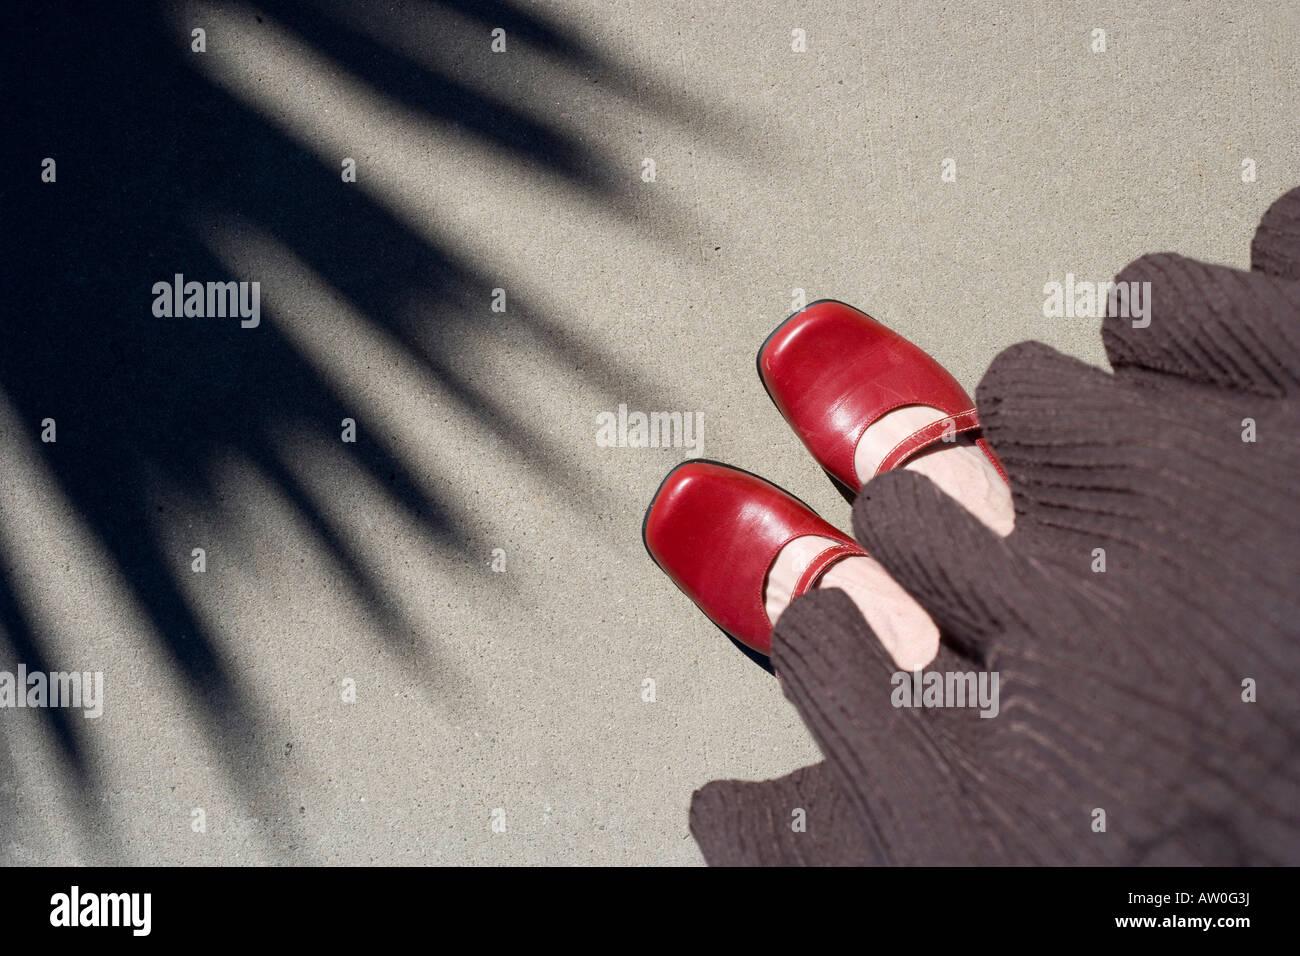 Guardando verso il basso in corrispondenza di scarpe rosso rivolto verso l ombra della pianta di Yucca Immagini Stock